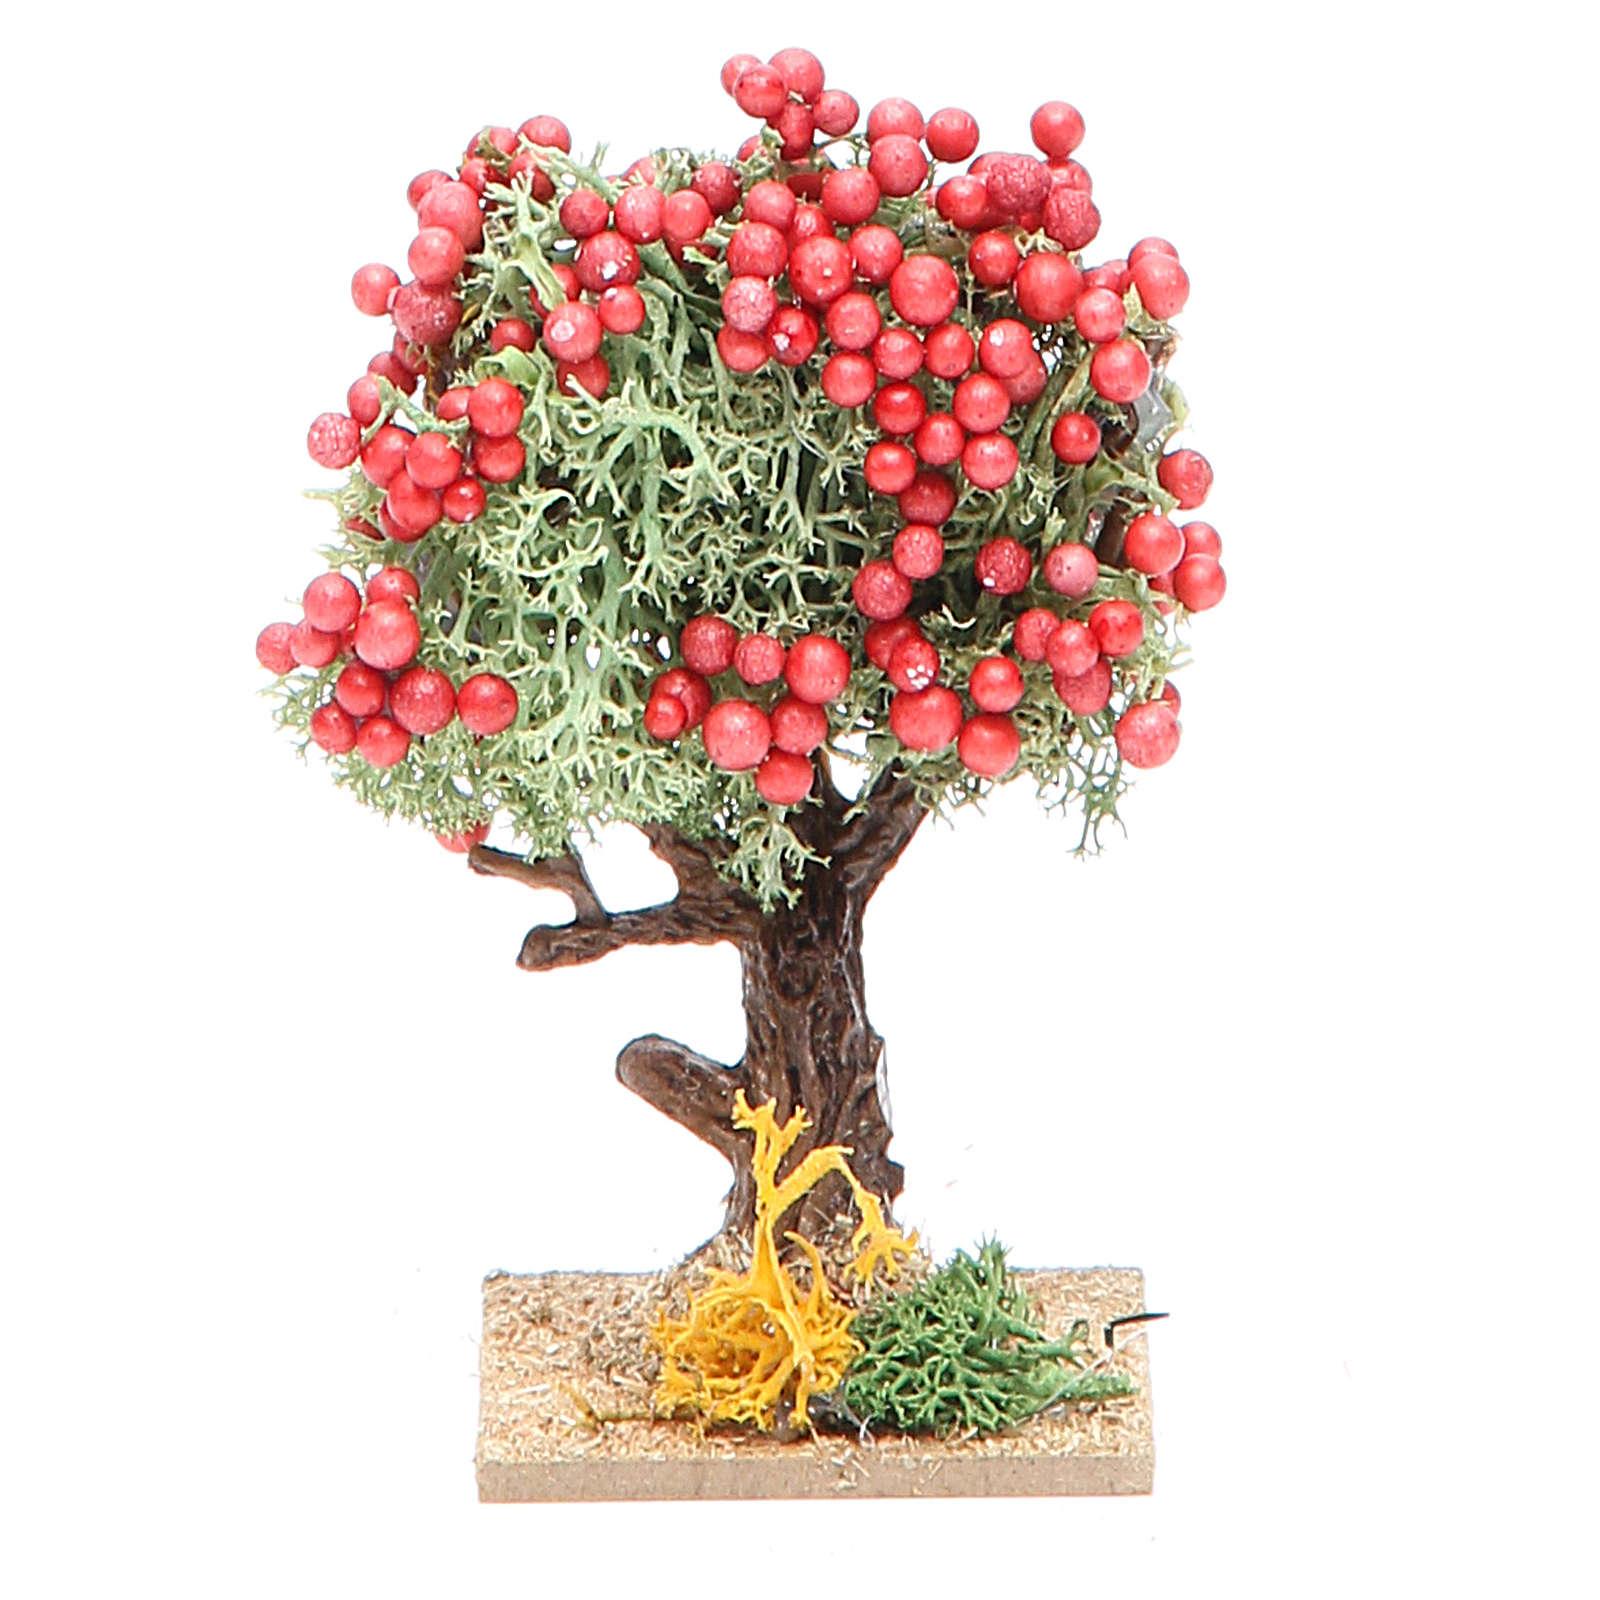 Fruit tree for nativity scene, assorted models 4